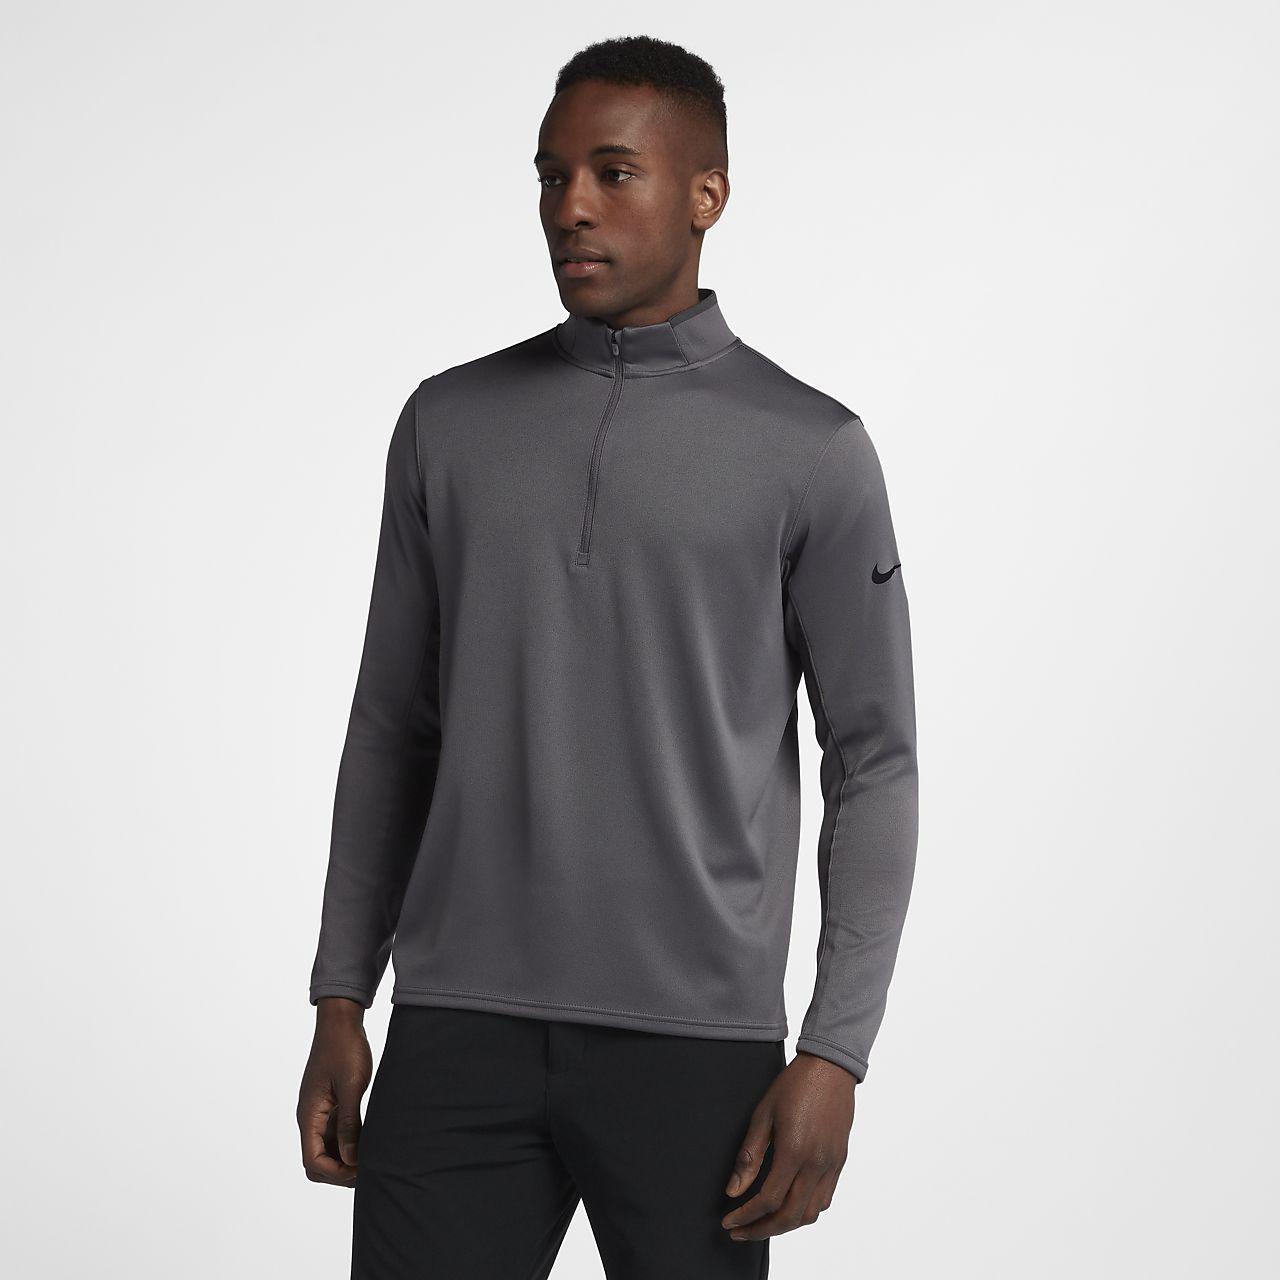 83aa1b676 Nike Dri-FIT Half-Zip Men's Long-Sleeve Golf Top. Nike.com CA